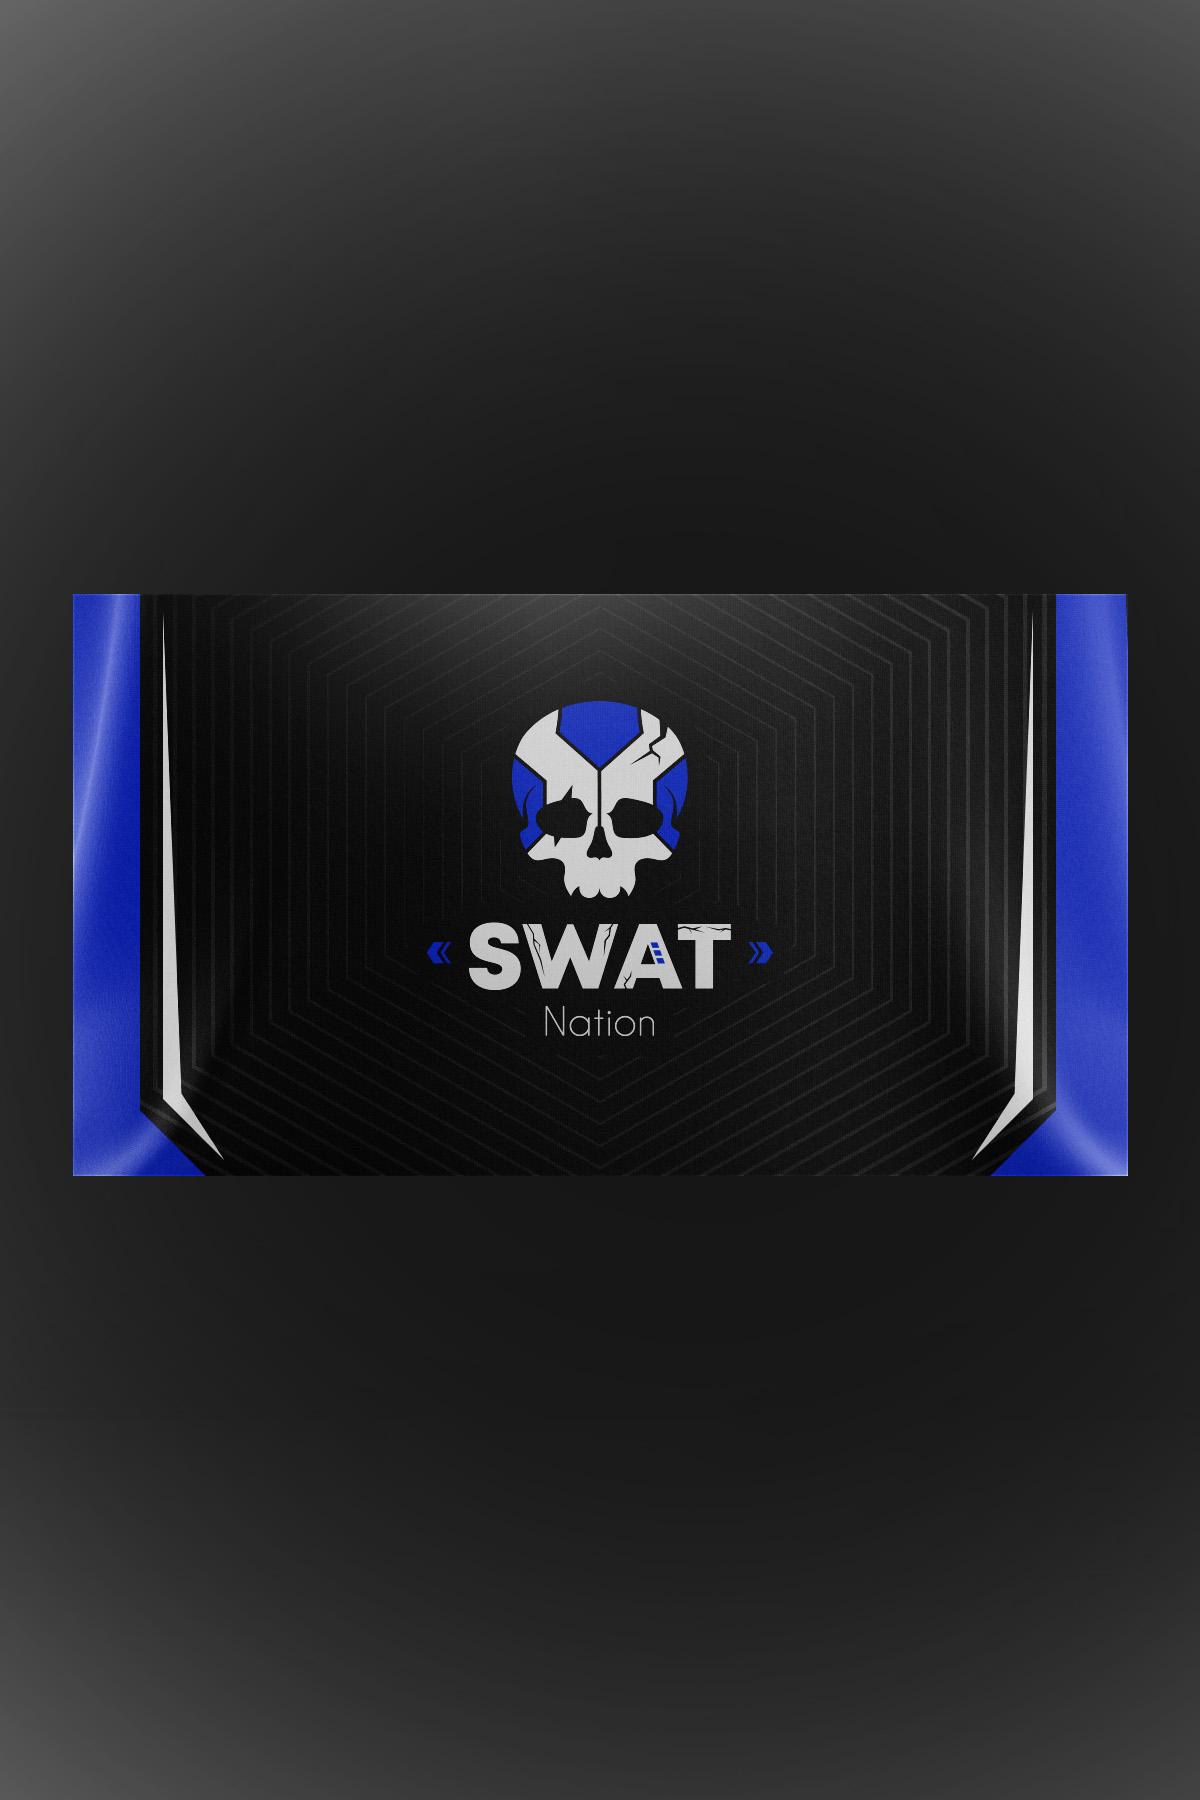 swatnationblueflag